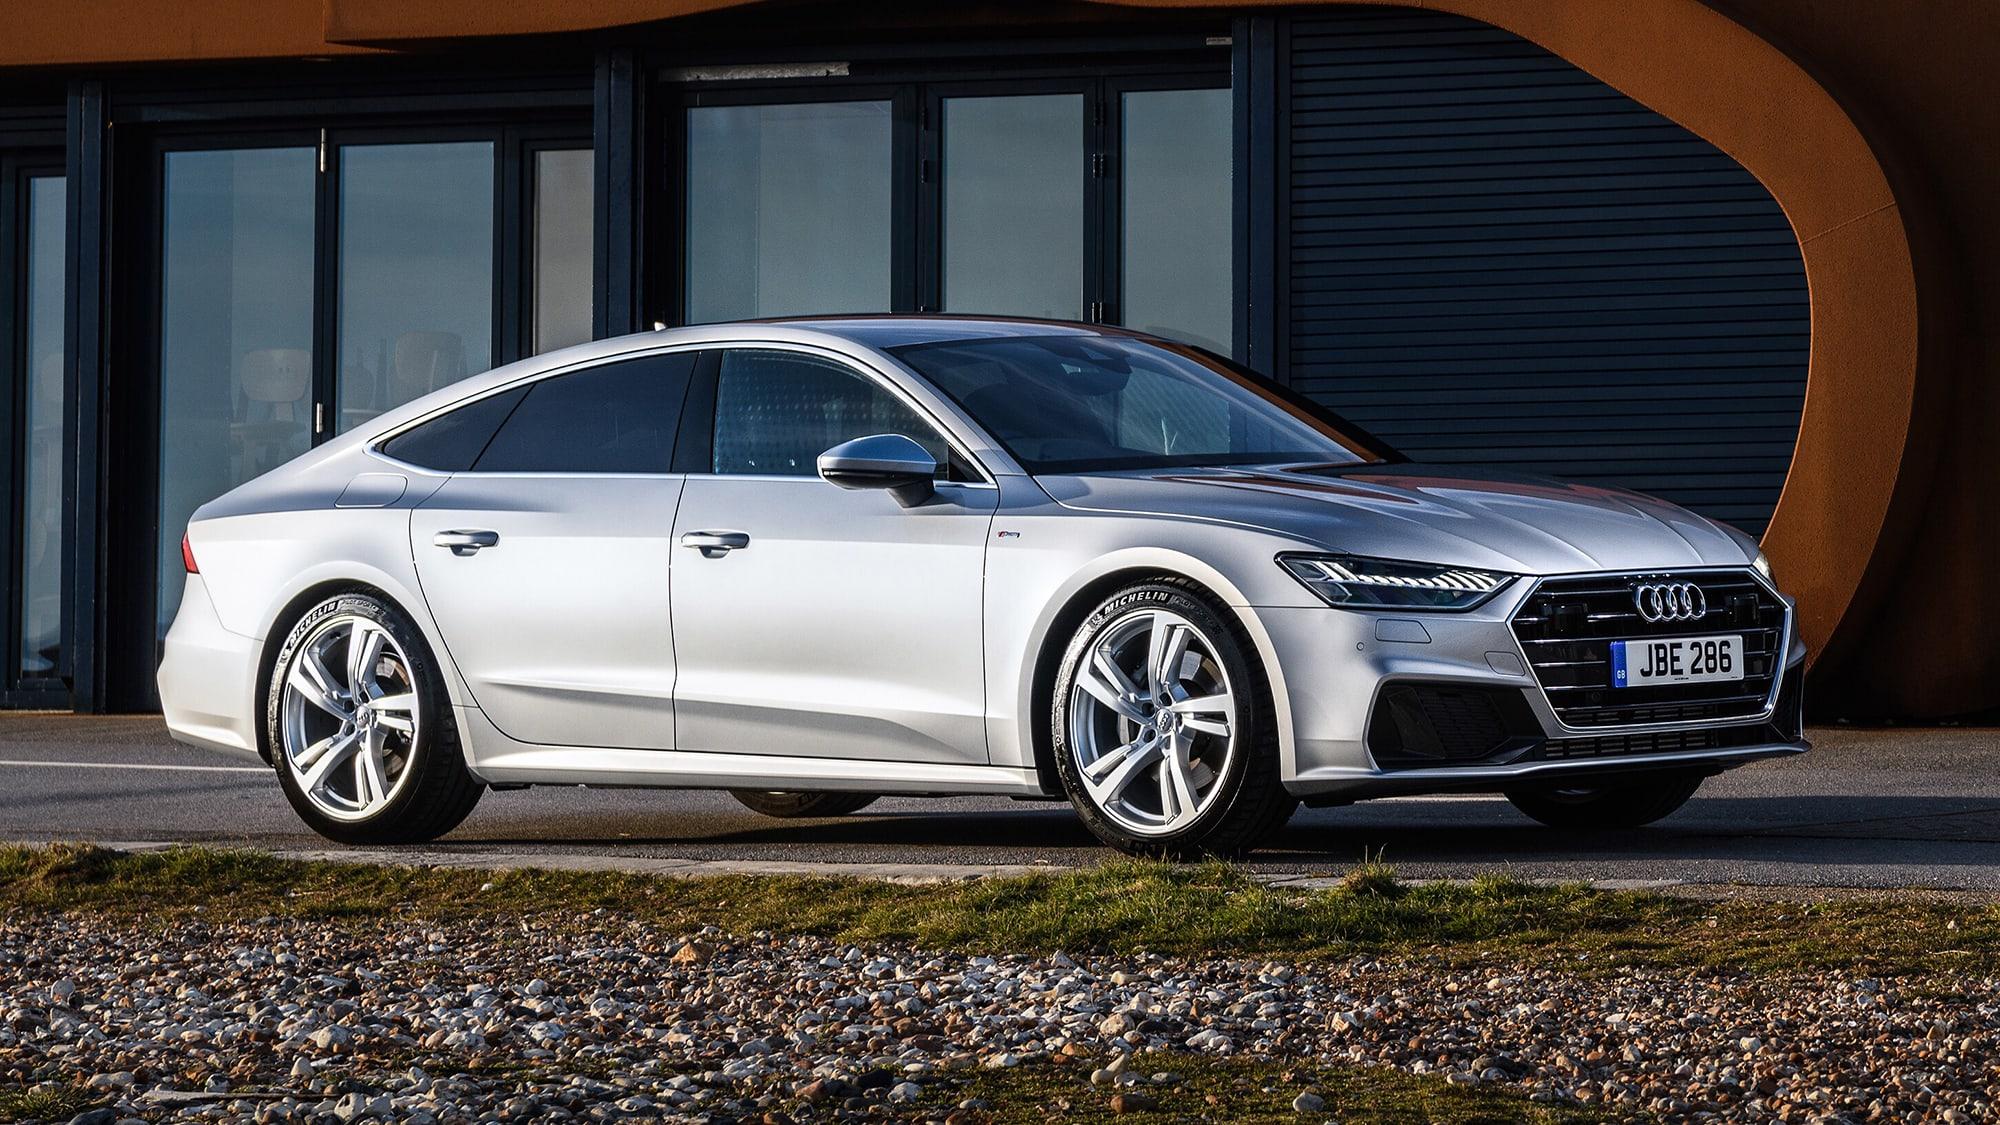 Audi A6 A7 40 TDI IMG 5330